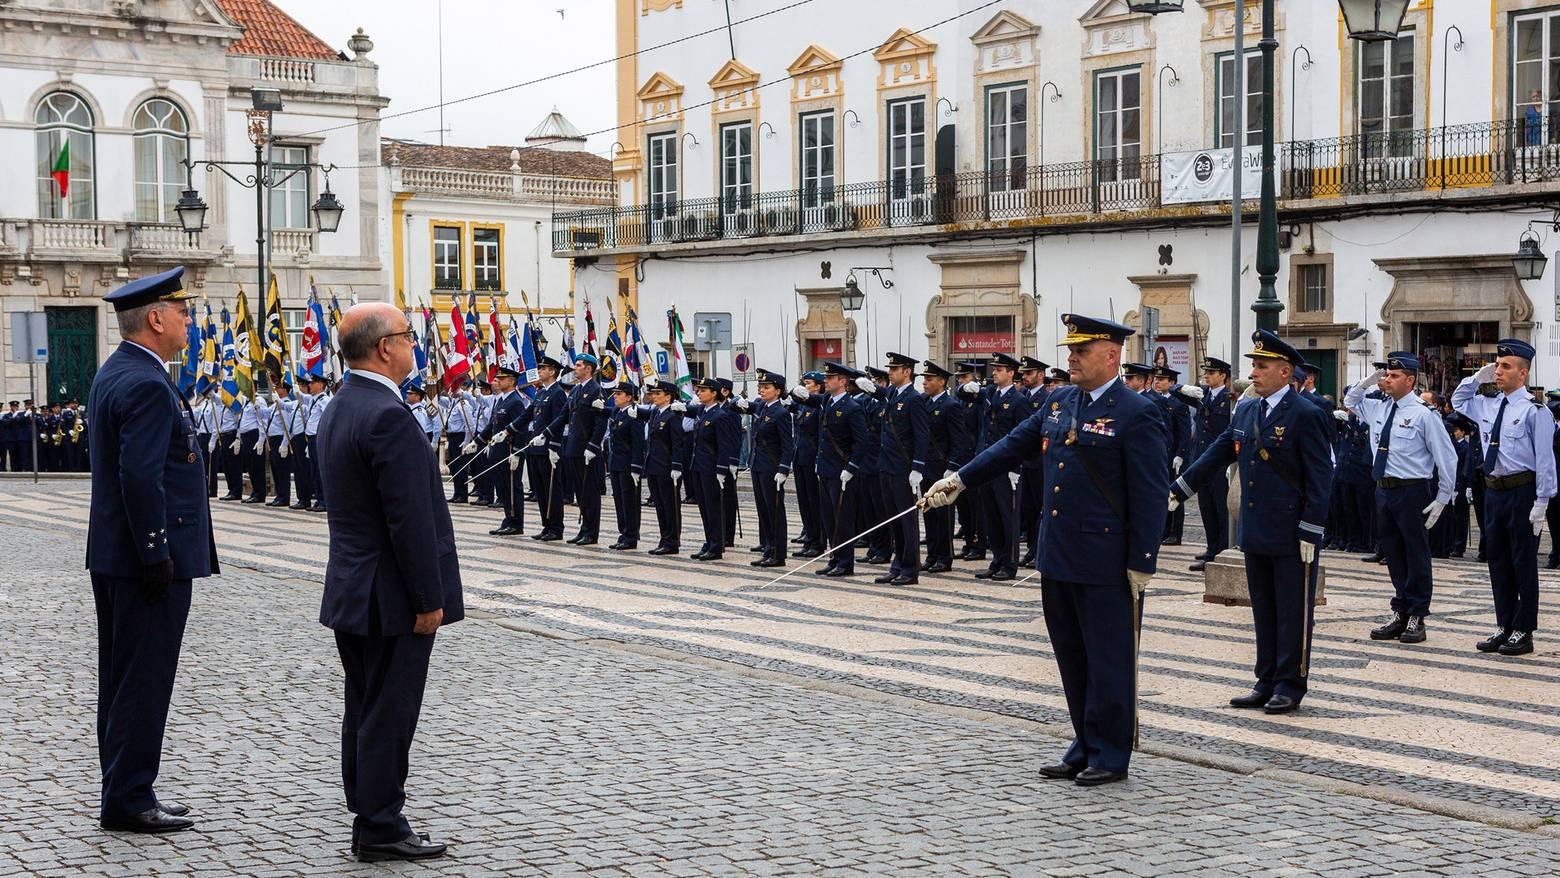 Ministro da Defesa presidiu Cerimónia do 66.º Aniversário da Força Aérea